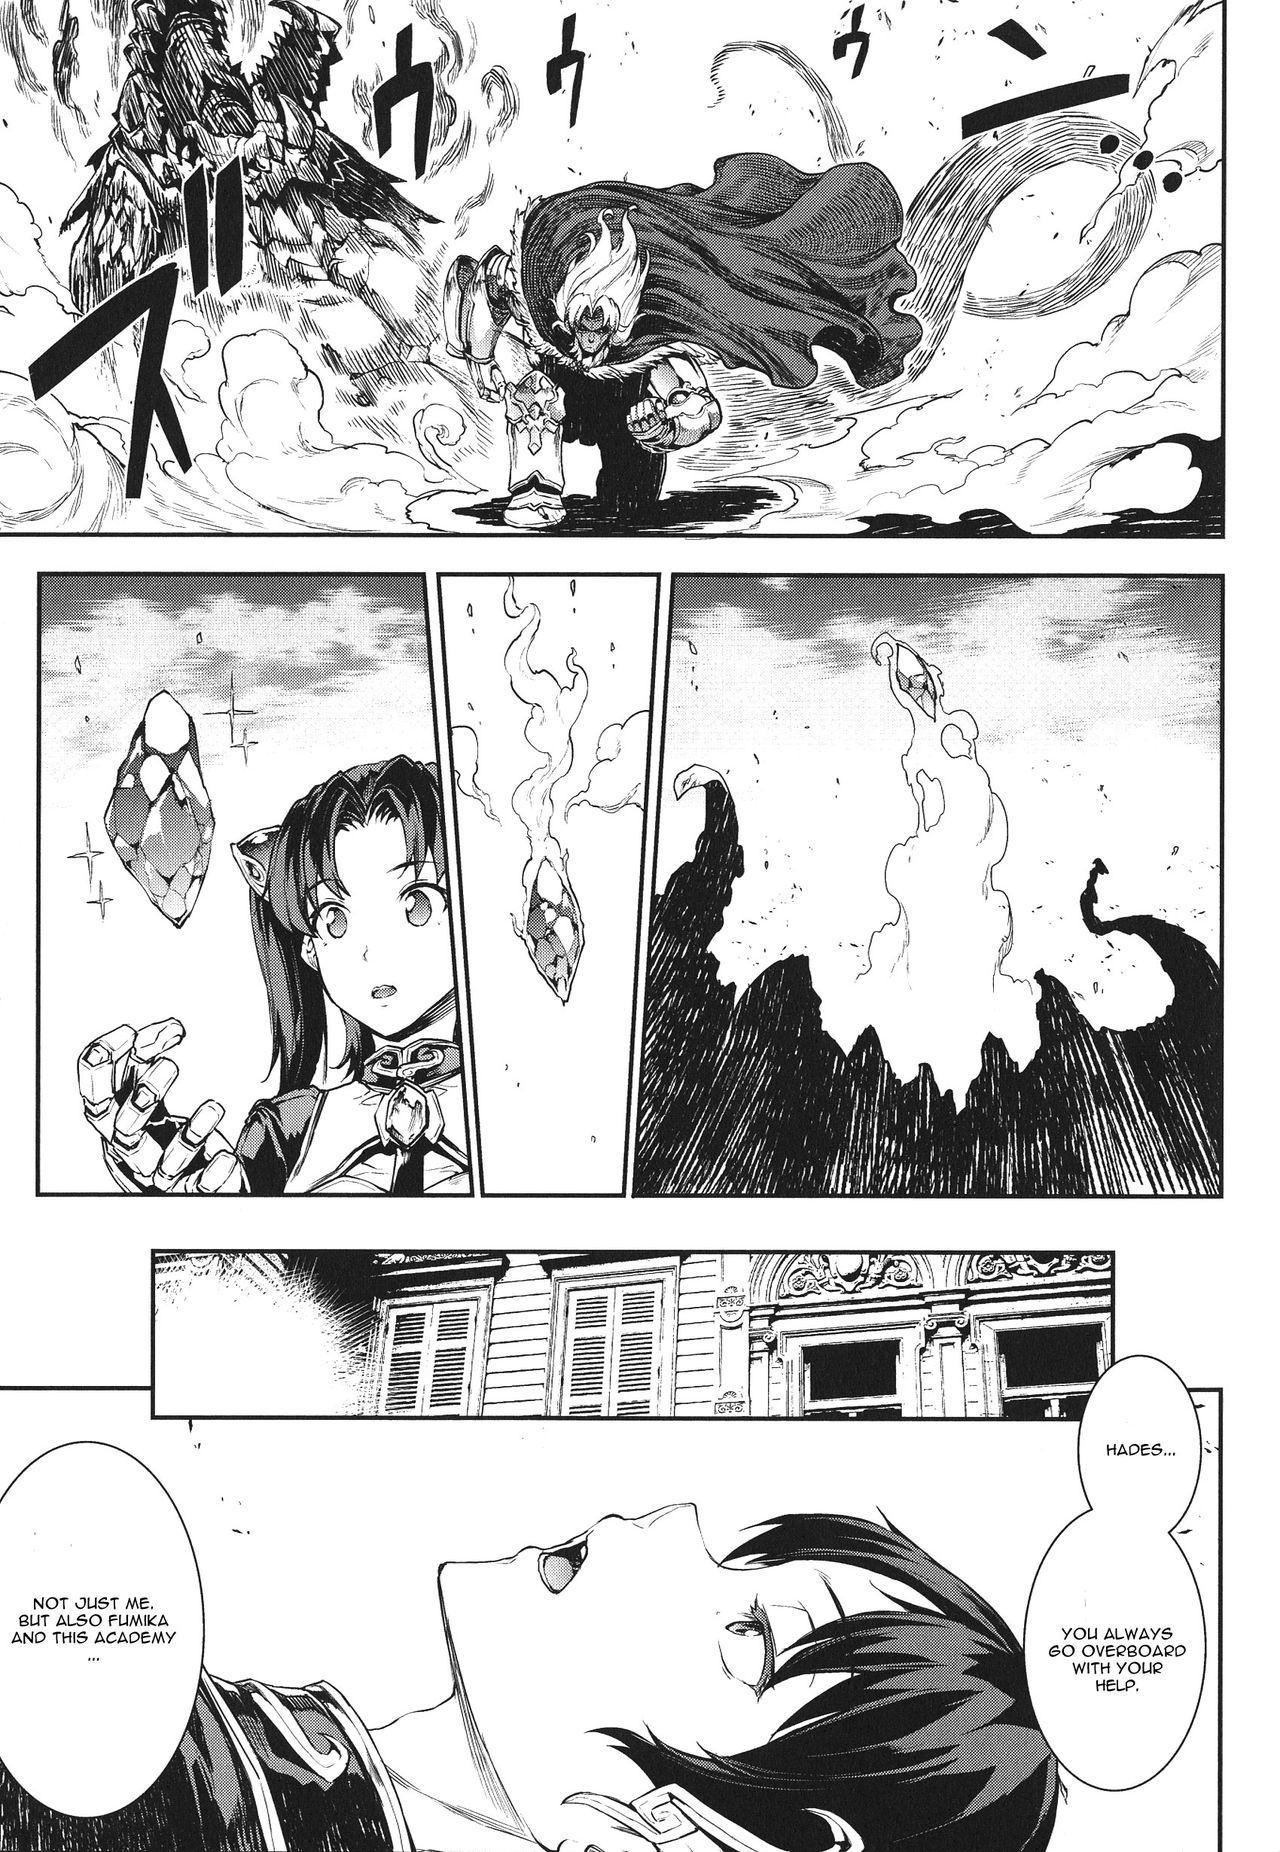 [Erect Sawaru] Raikou Shinki Igis Magia -PANDRA saga 3rd ignition- Ch. 1-5 [English] [CGrascal] 62